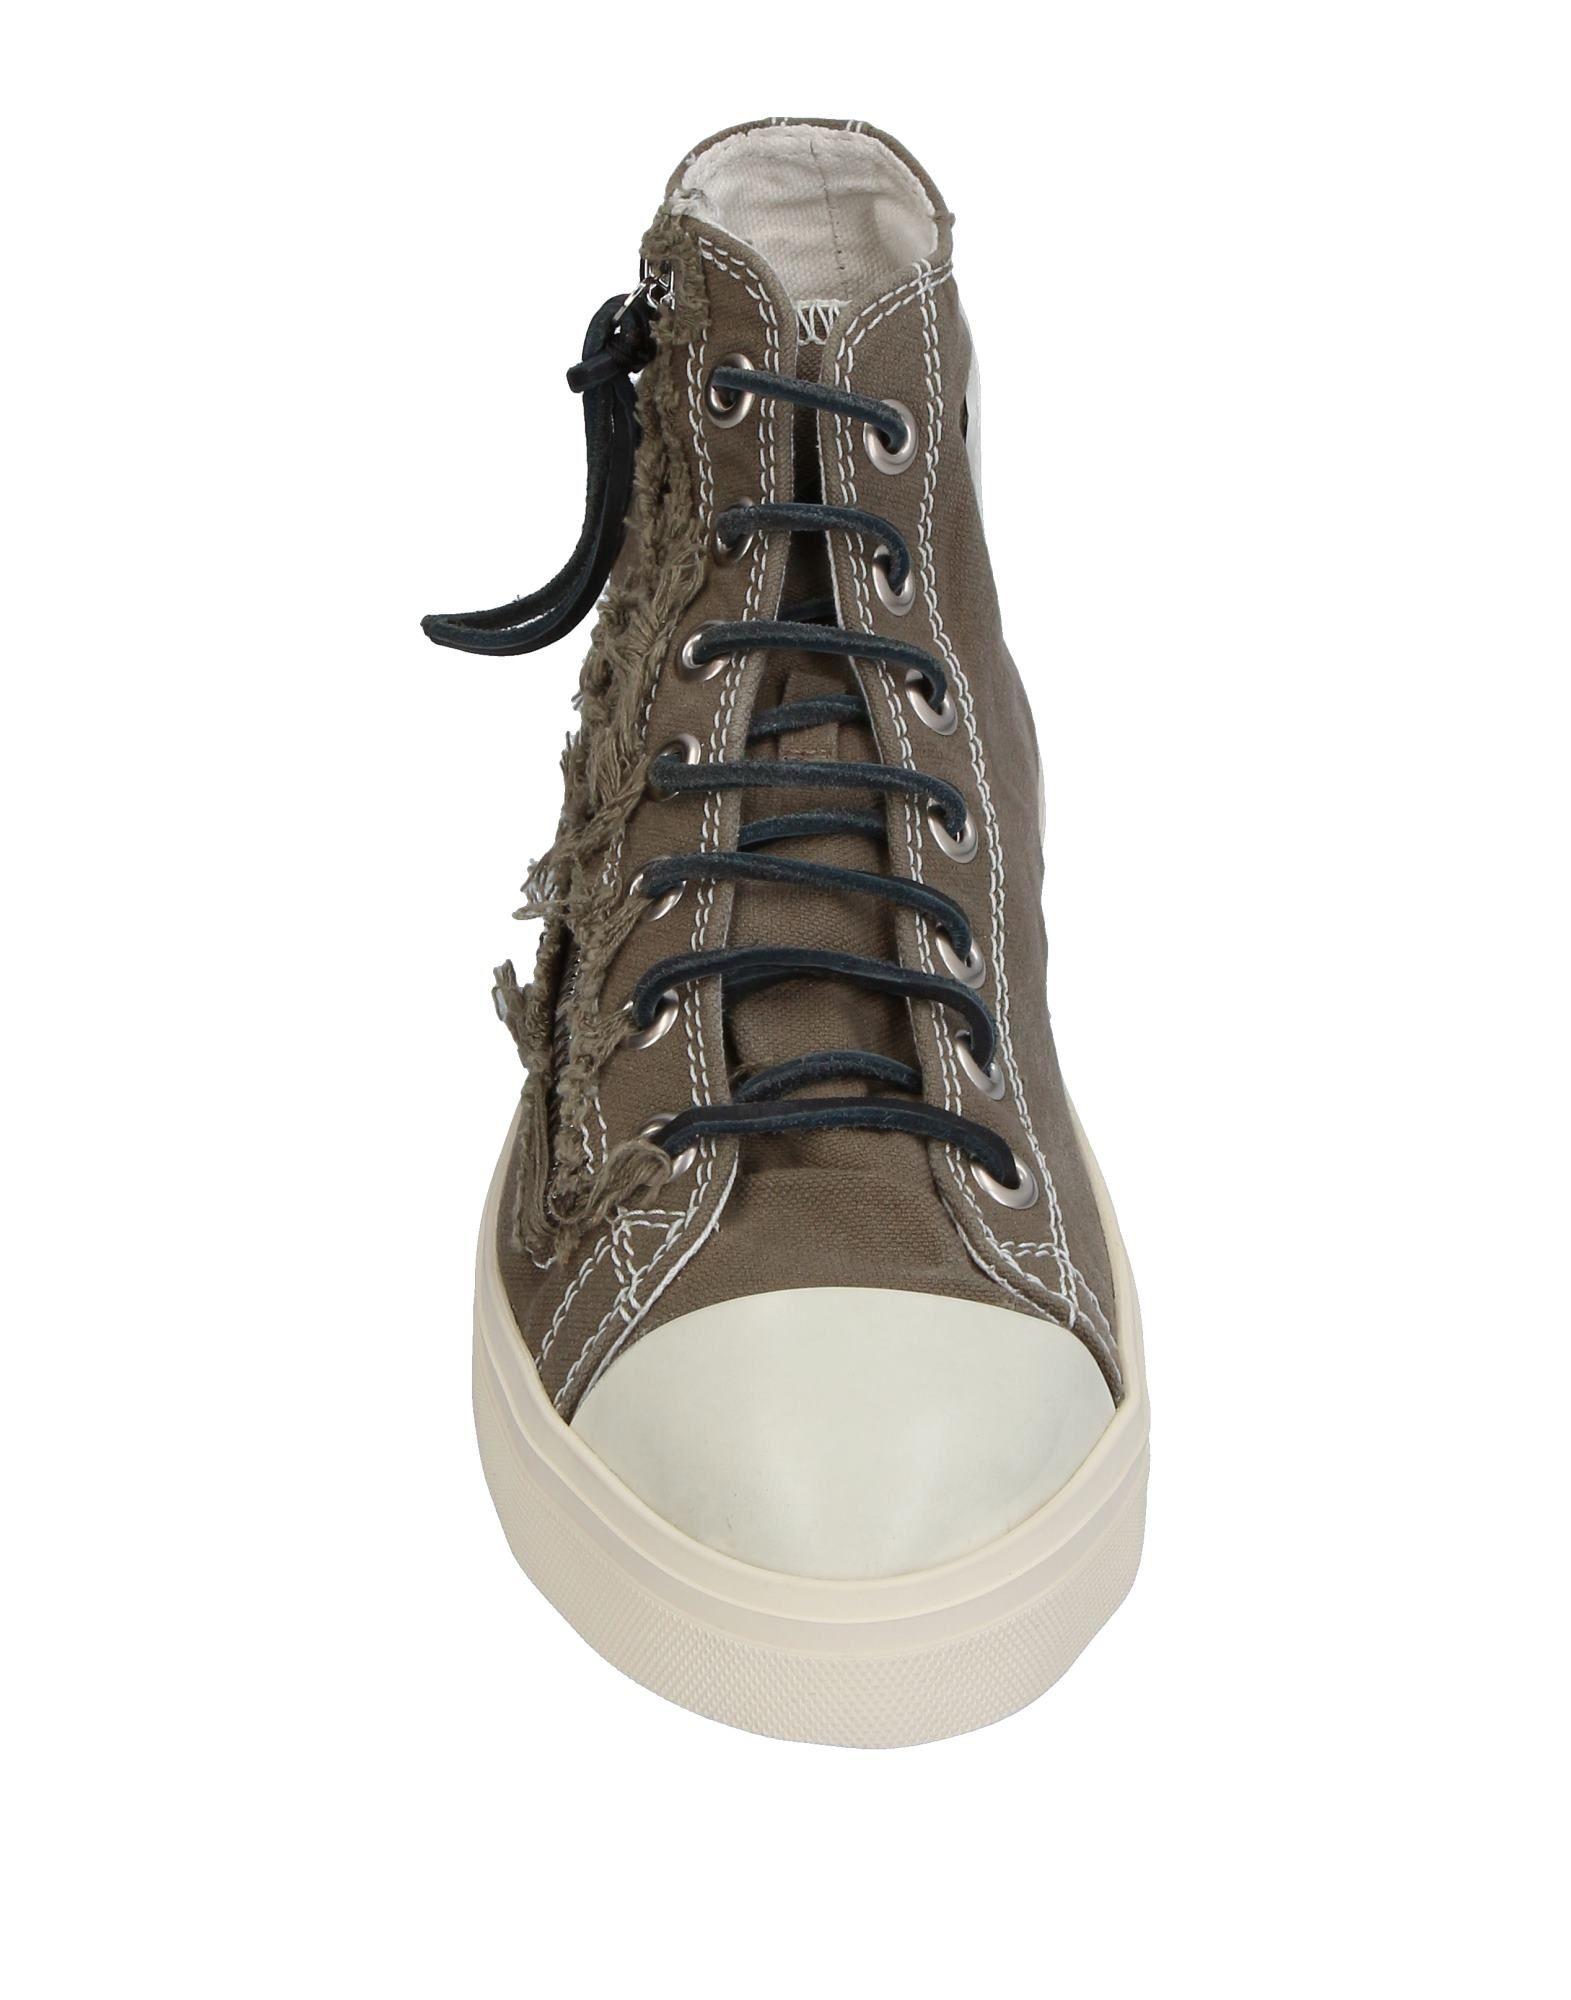 Saint Laurent Sneakers Herren beliebte  11393914DP Gute Qualität beliebte Herren Schuhe 64f303